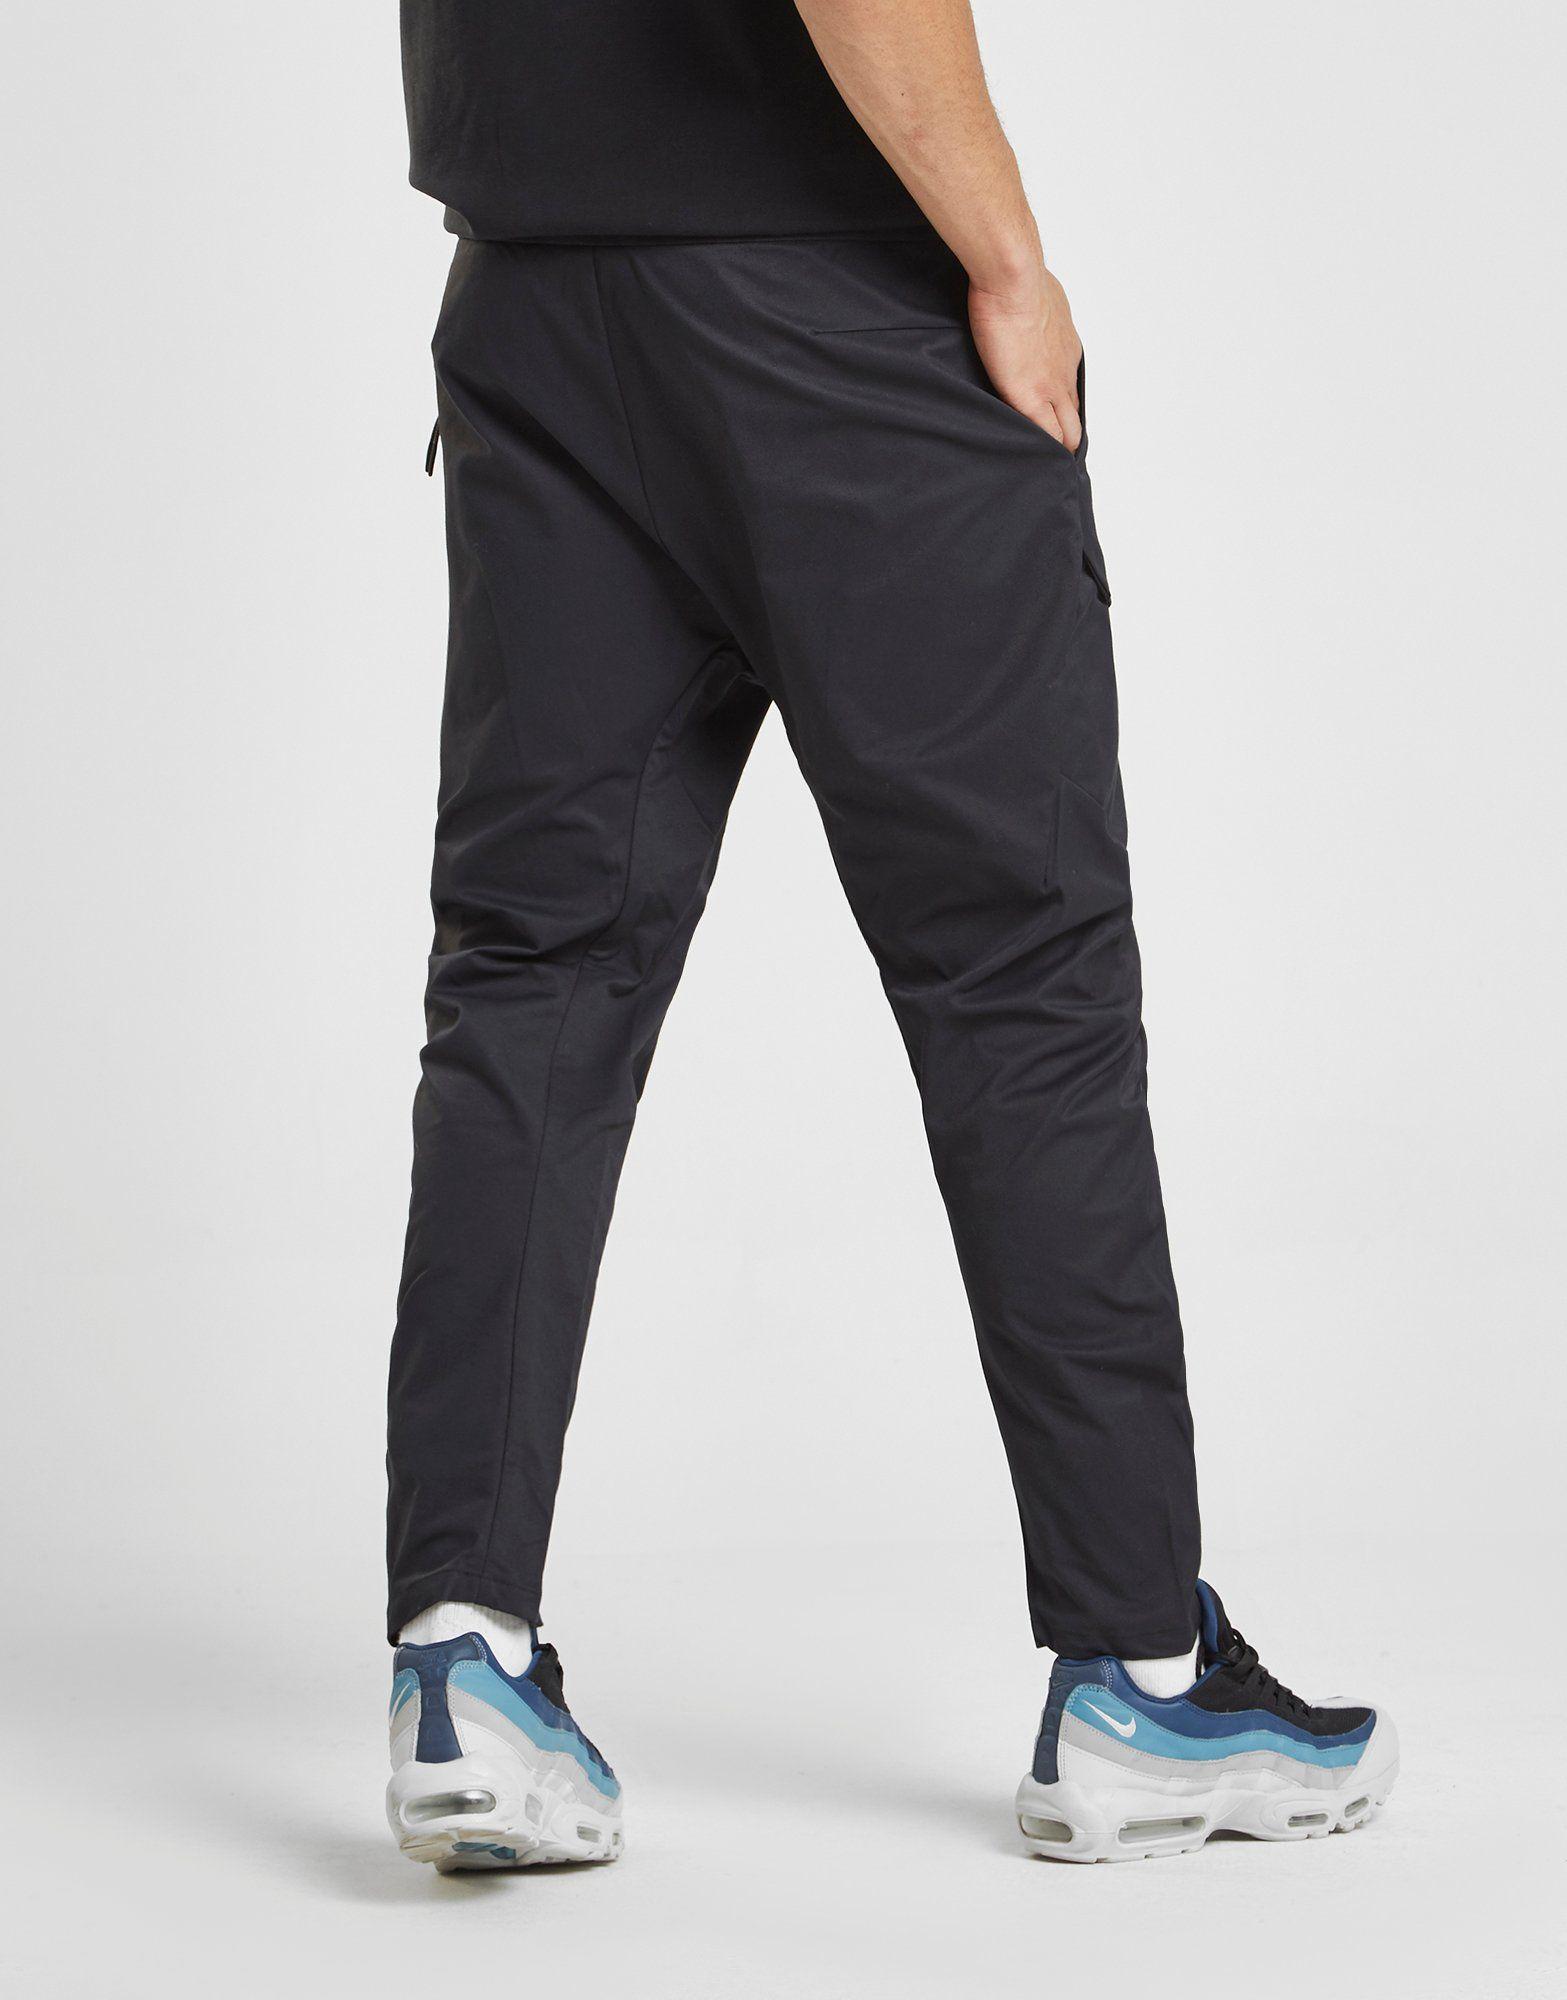 Nike Pantalon de survêtement Tech Pack Cargo Homme